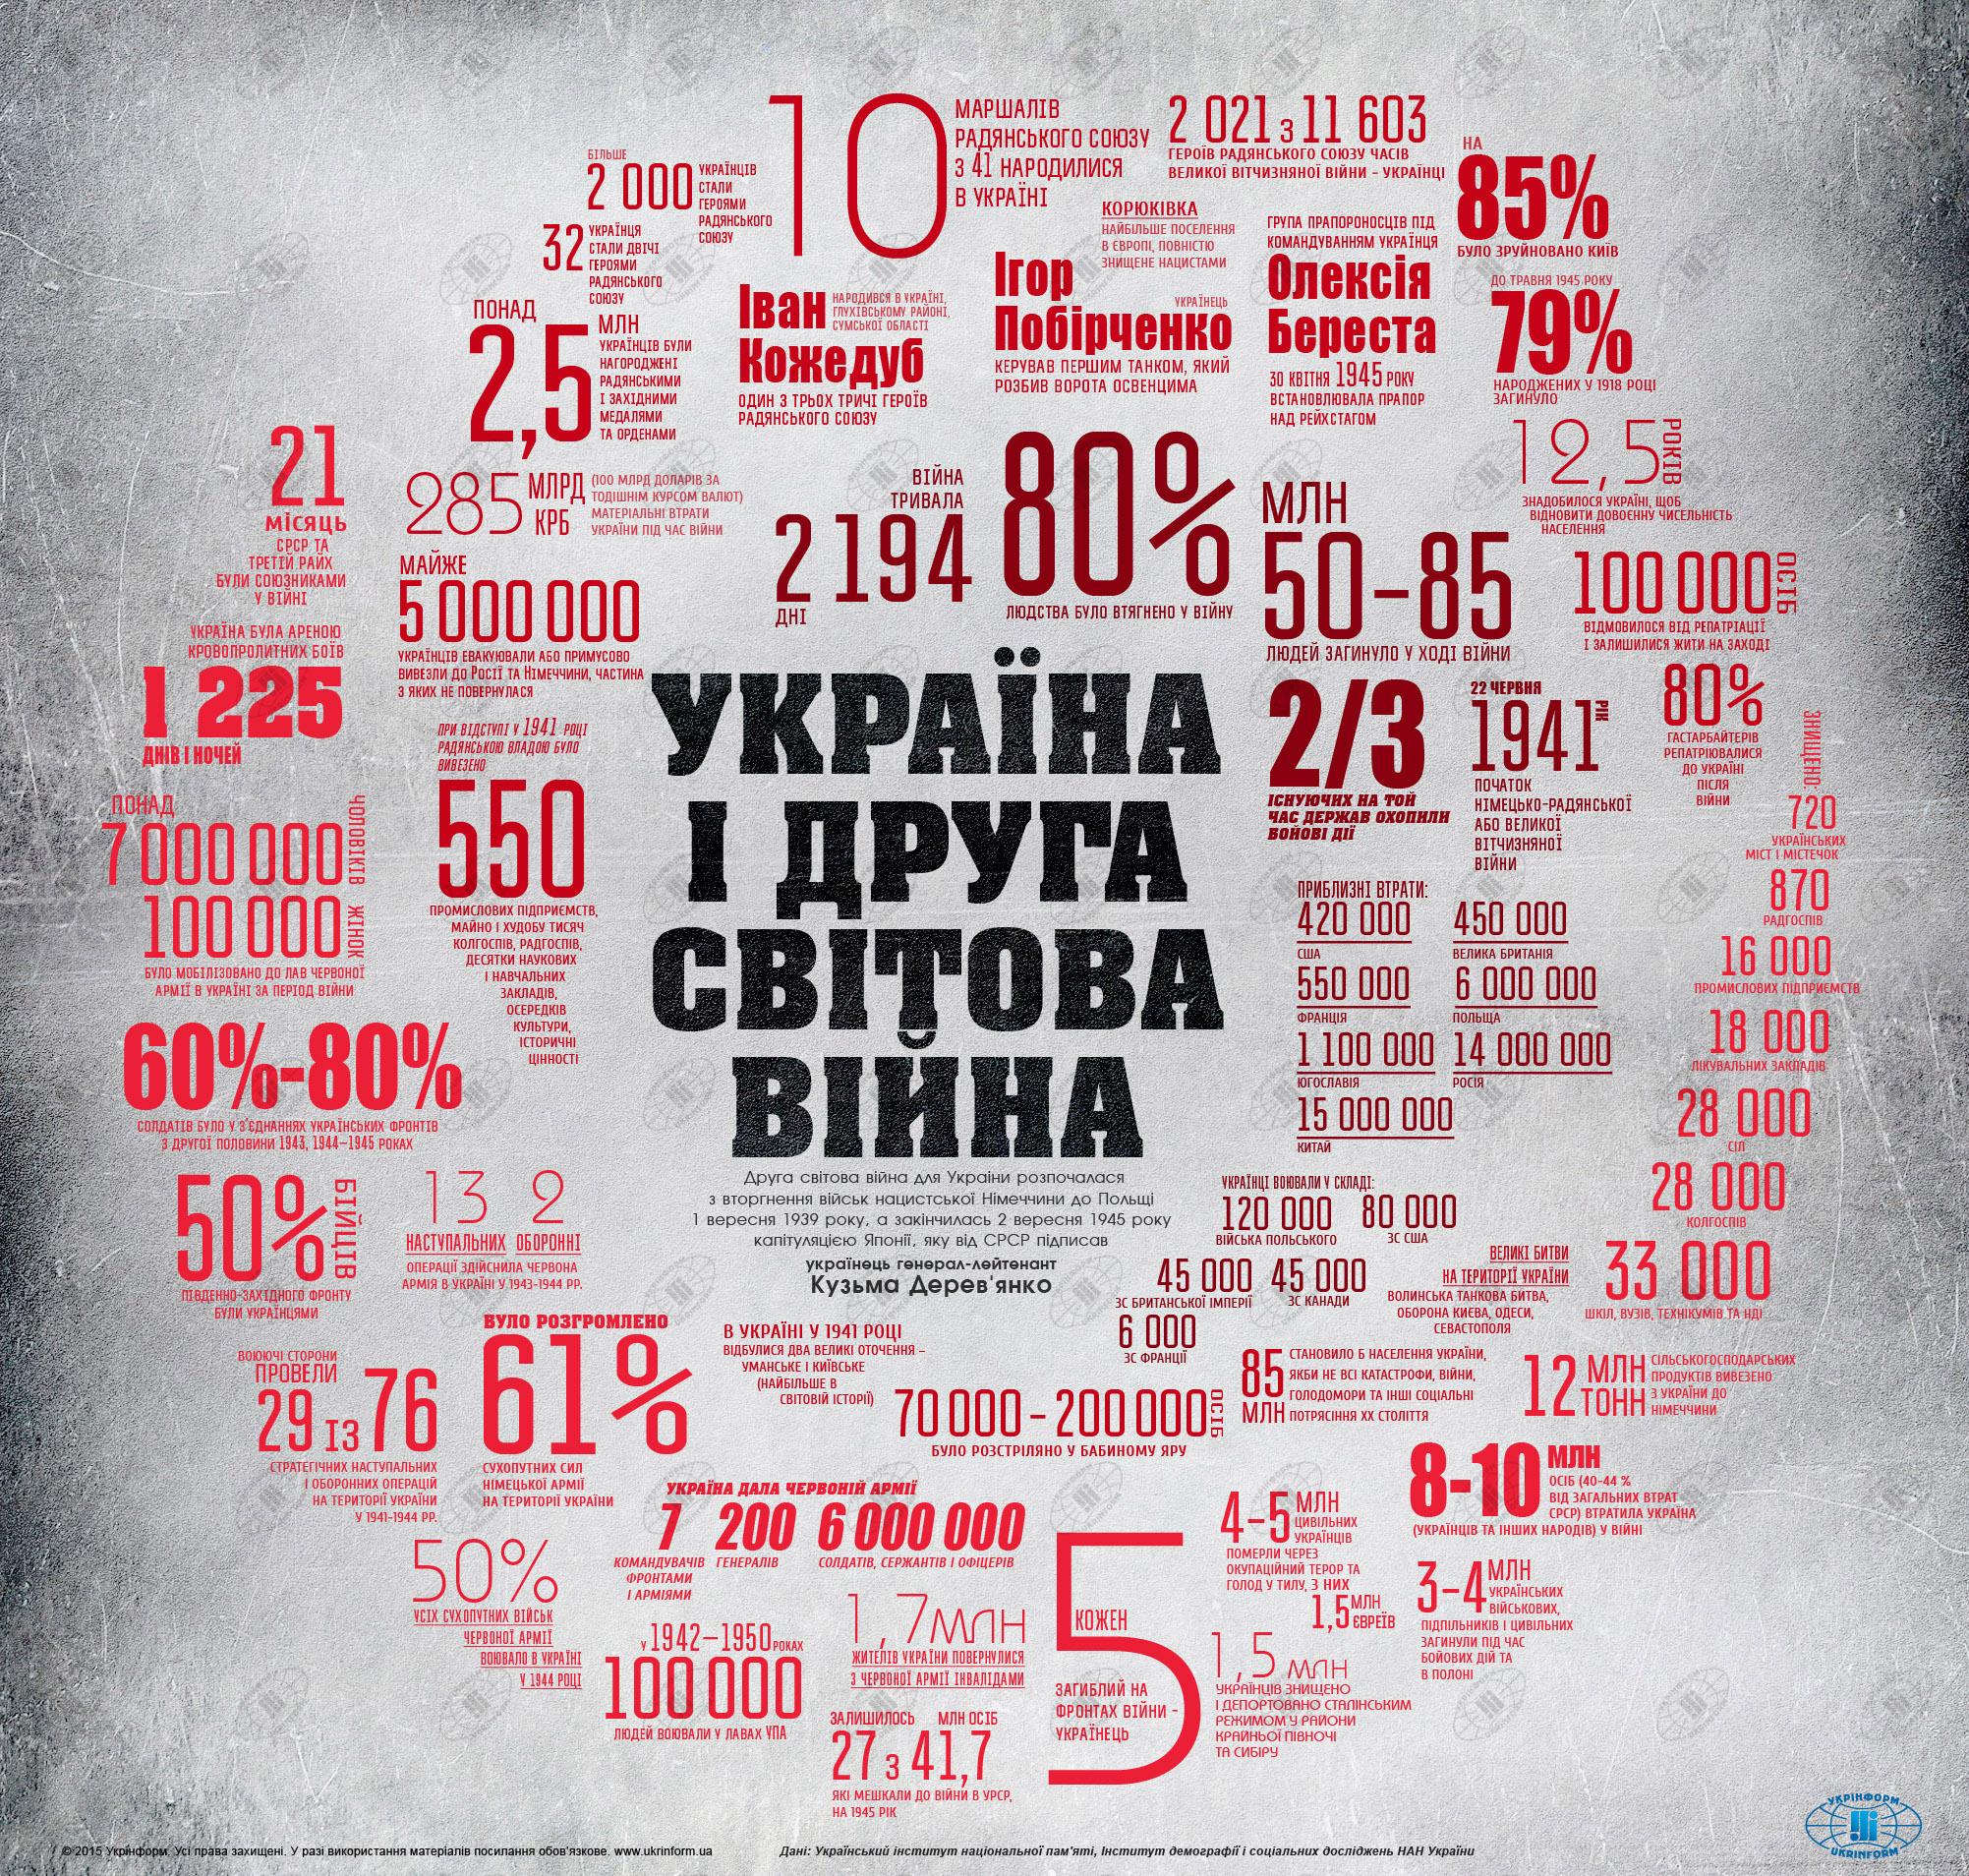 Визуализация: Украина во Второй мировой